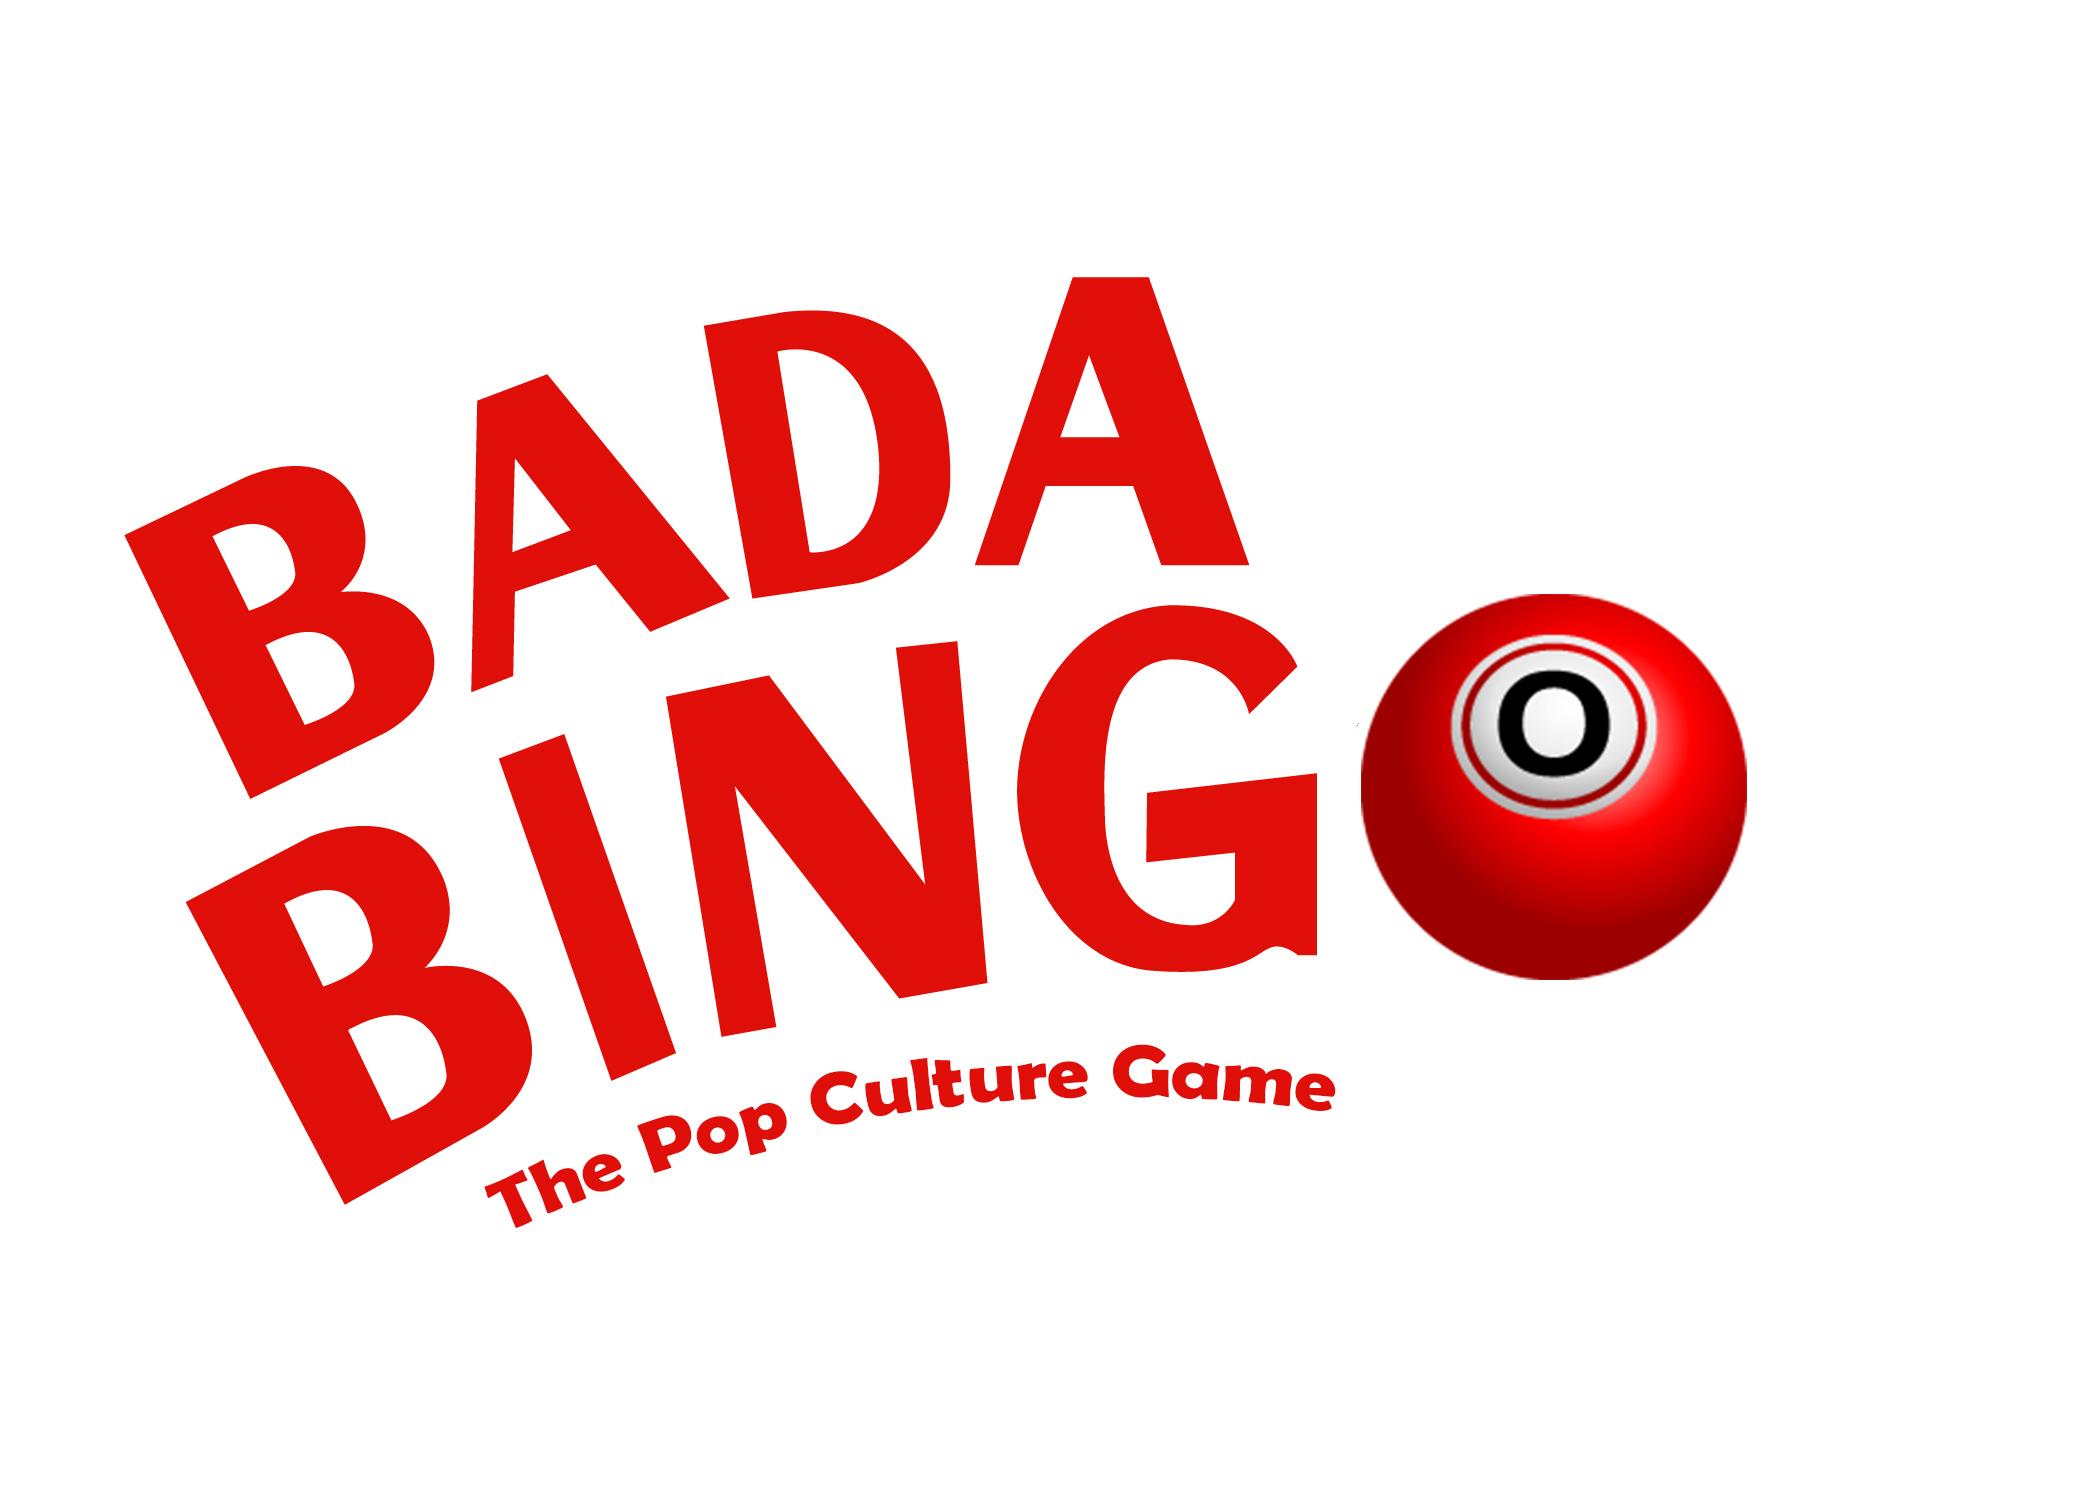 Bada Bingo - The Pop Culture Game - Online